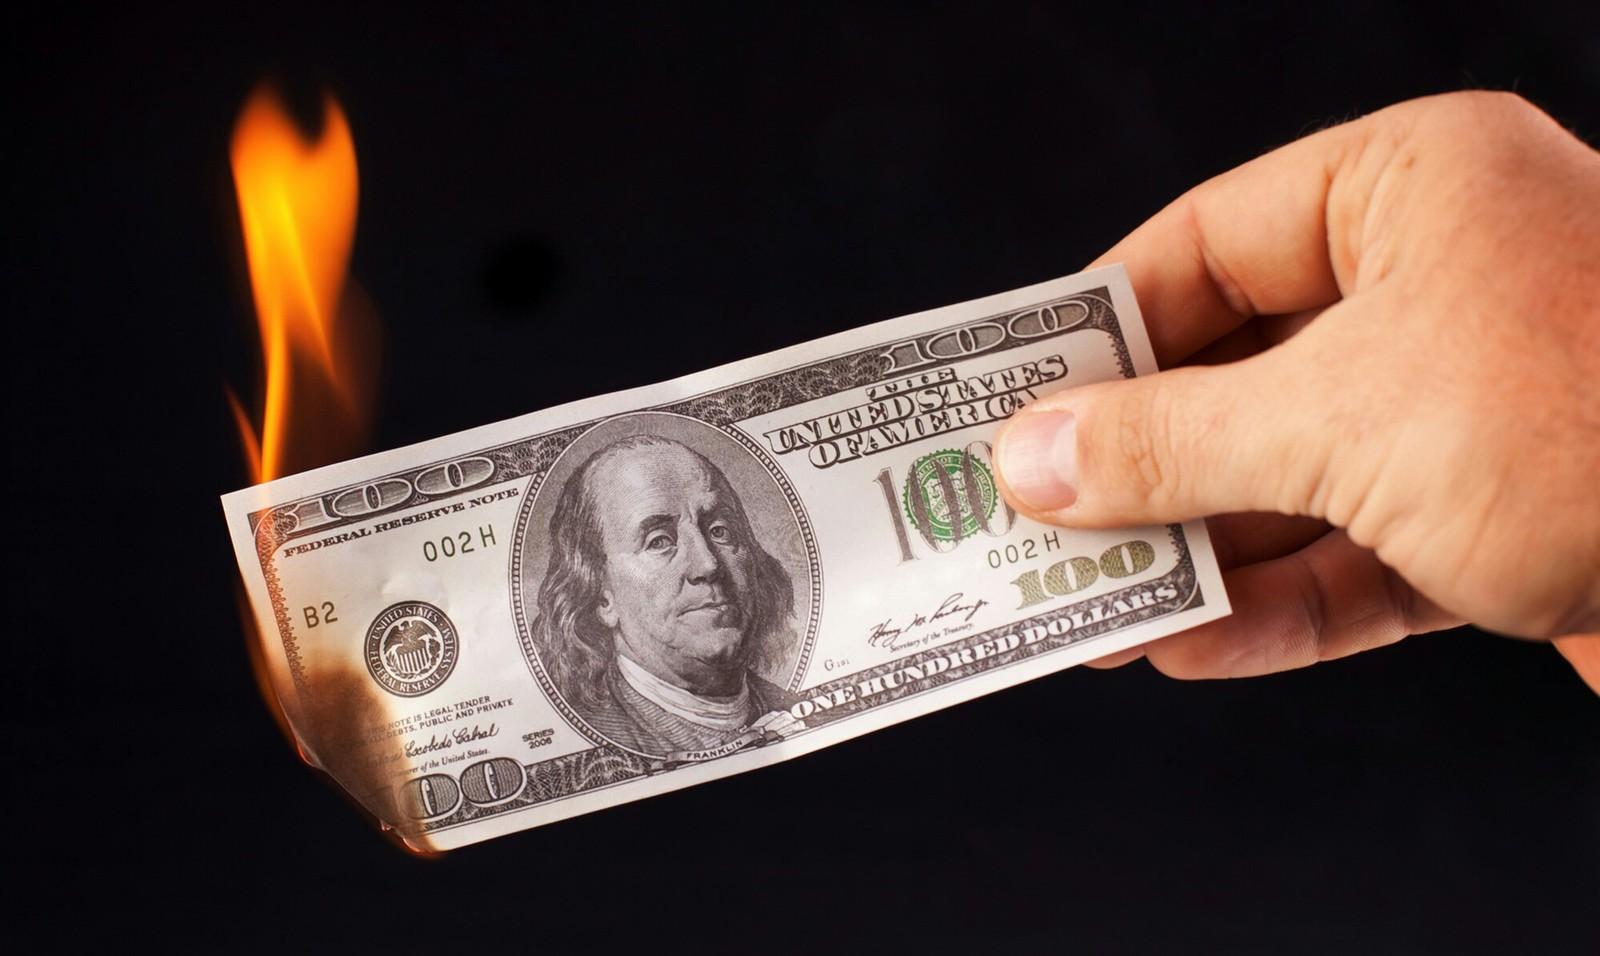 деньги не букмекерская контора отдает